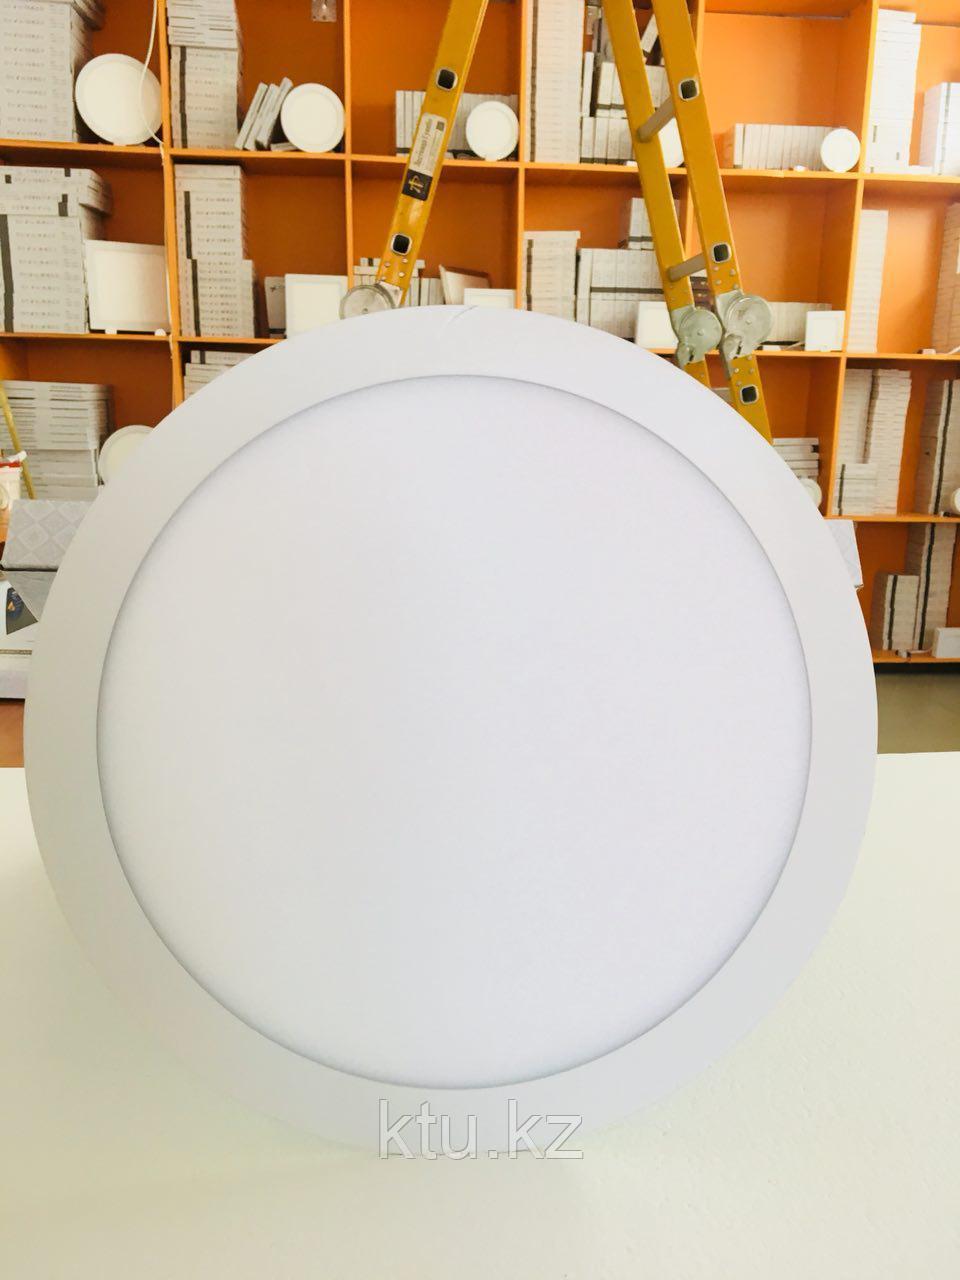 Светильники (споты) JL-MF 18W,накладной 1год гарантия